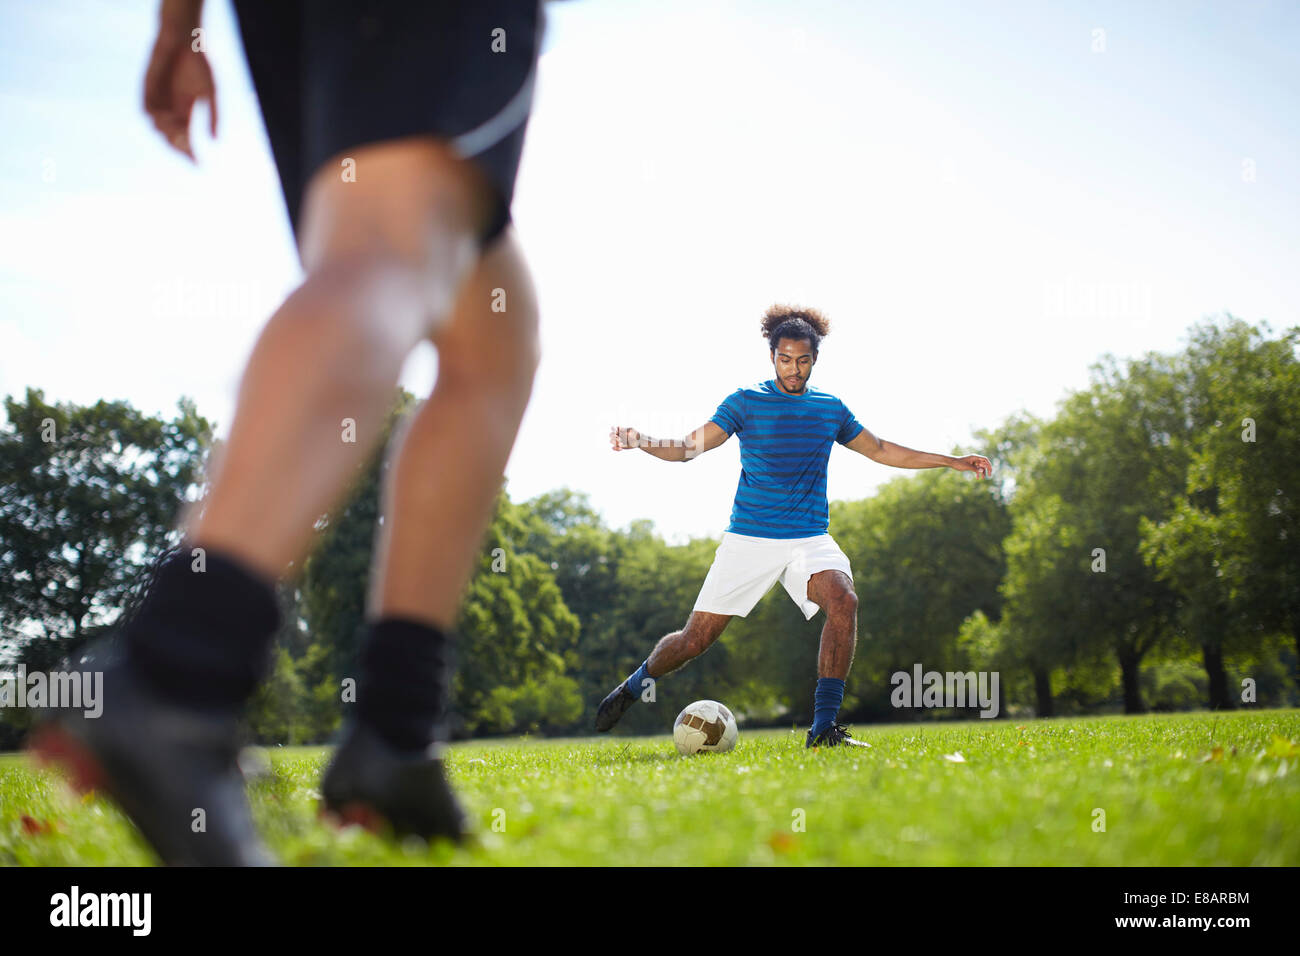 Pareja Joven Jugando Al Futbol Juntos En El Parque Foto Imagen De